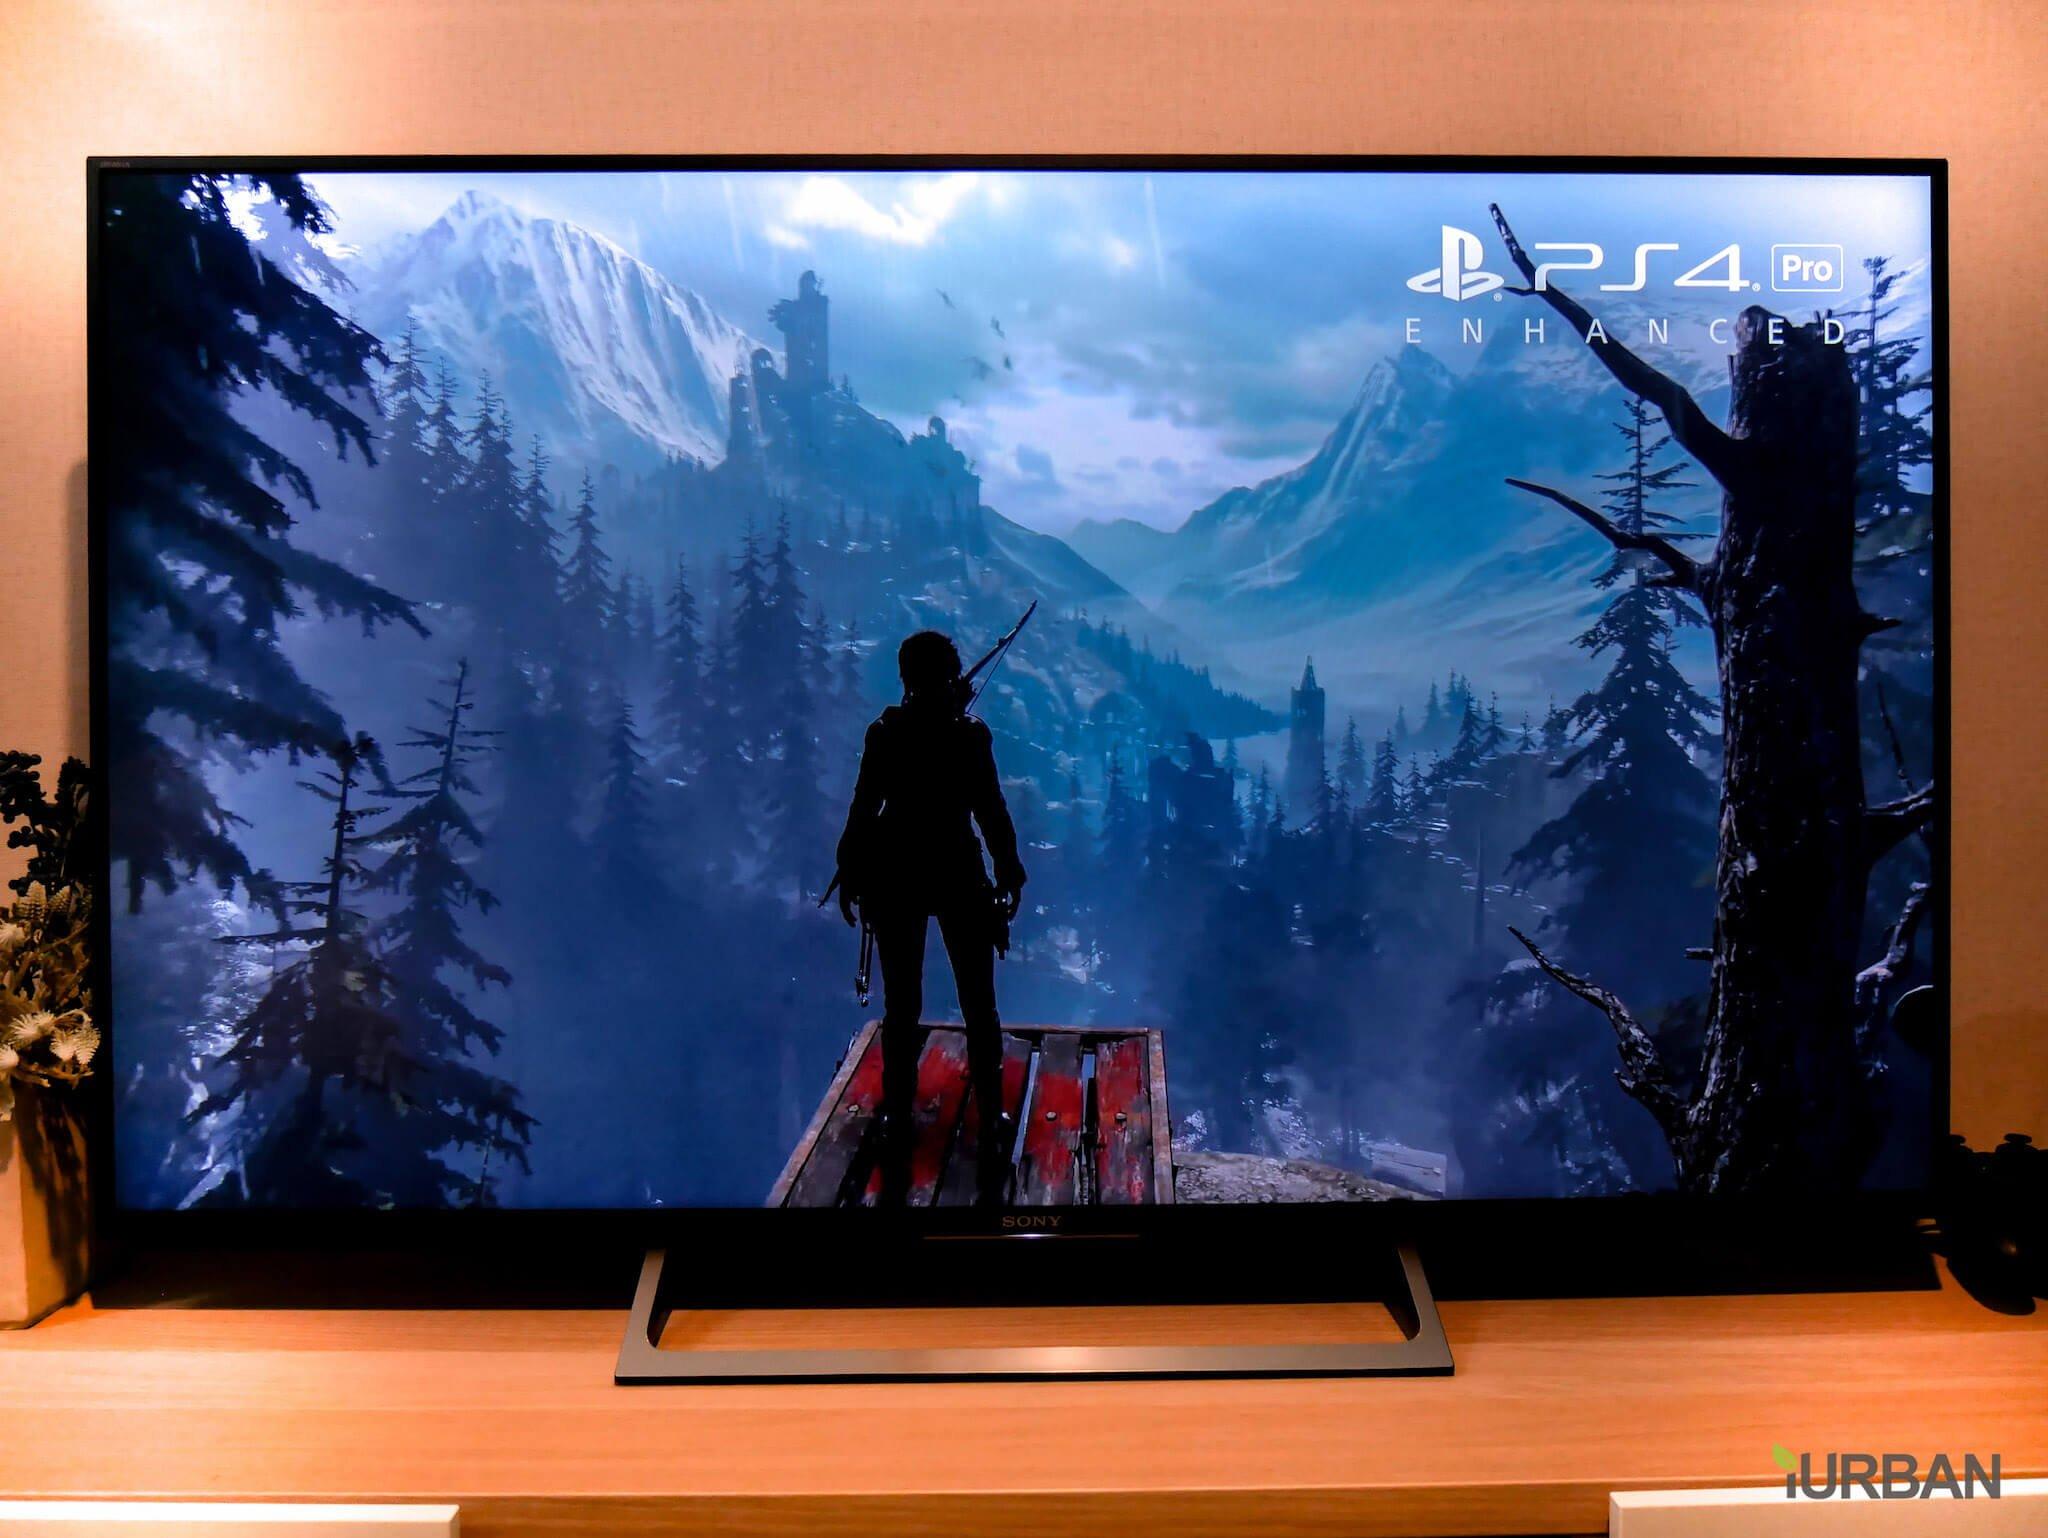 SONY X8500E 4K-HDR Android TV นวัตกรรมที่จะเปลี่ยนชีวิตกับทีวี ให้ไม่เหมือนเดิมอีกต่อไป 78 - Android